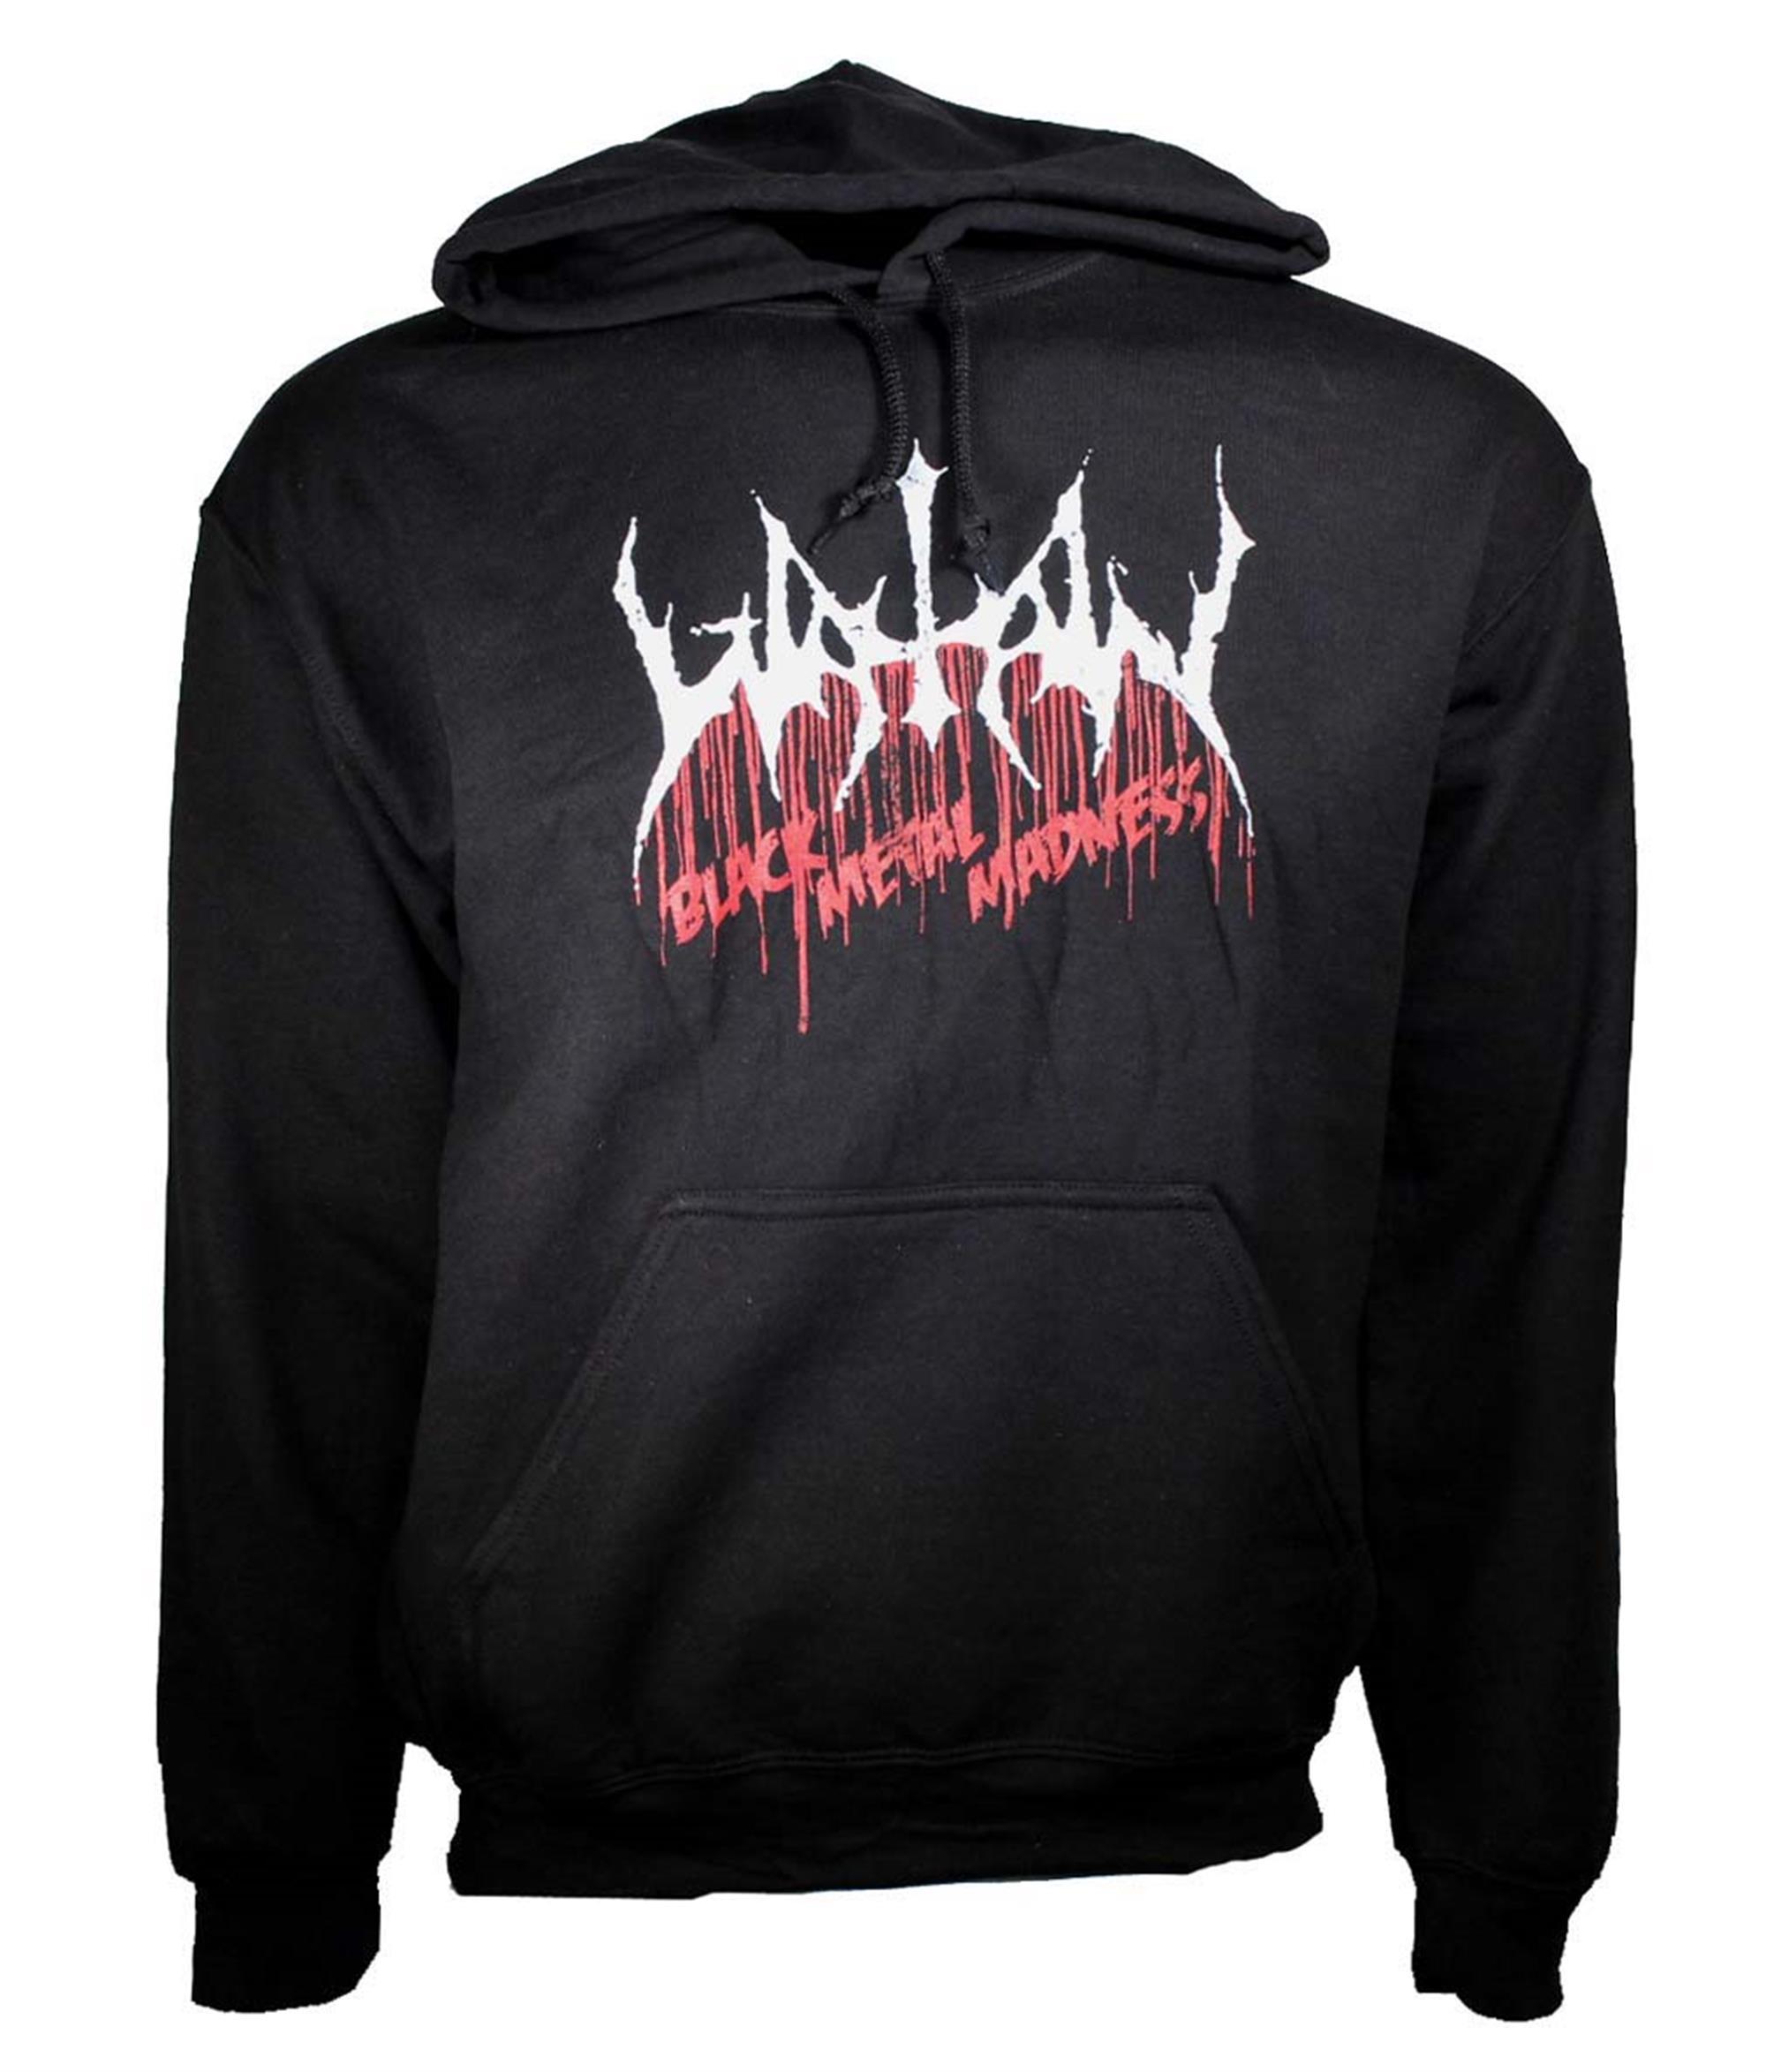 Watain Black Metal Madness Pullover Hoodie Sweatshirt